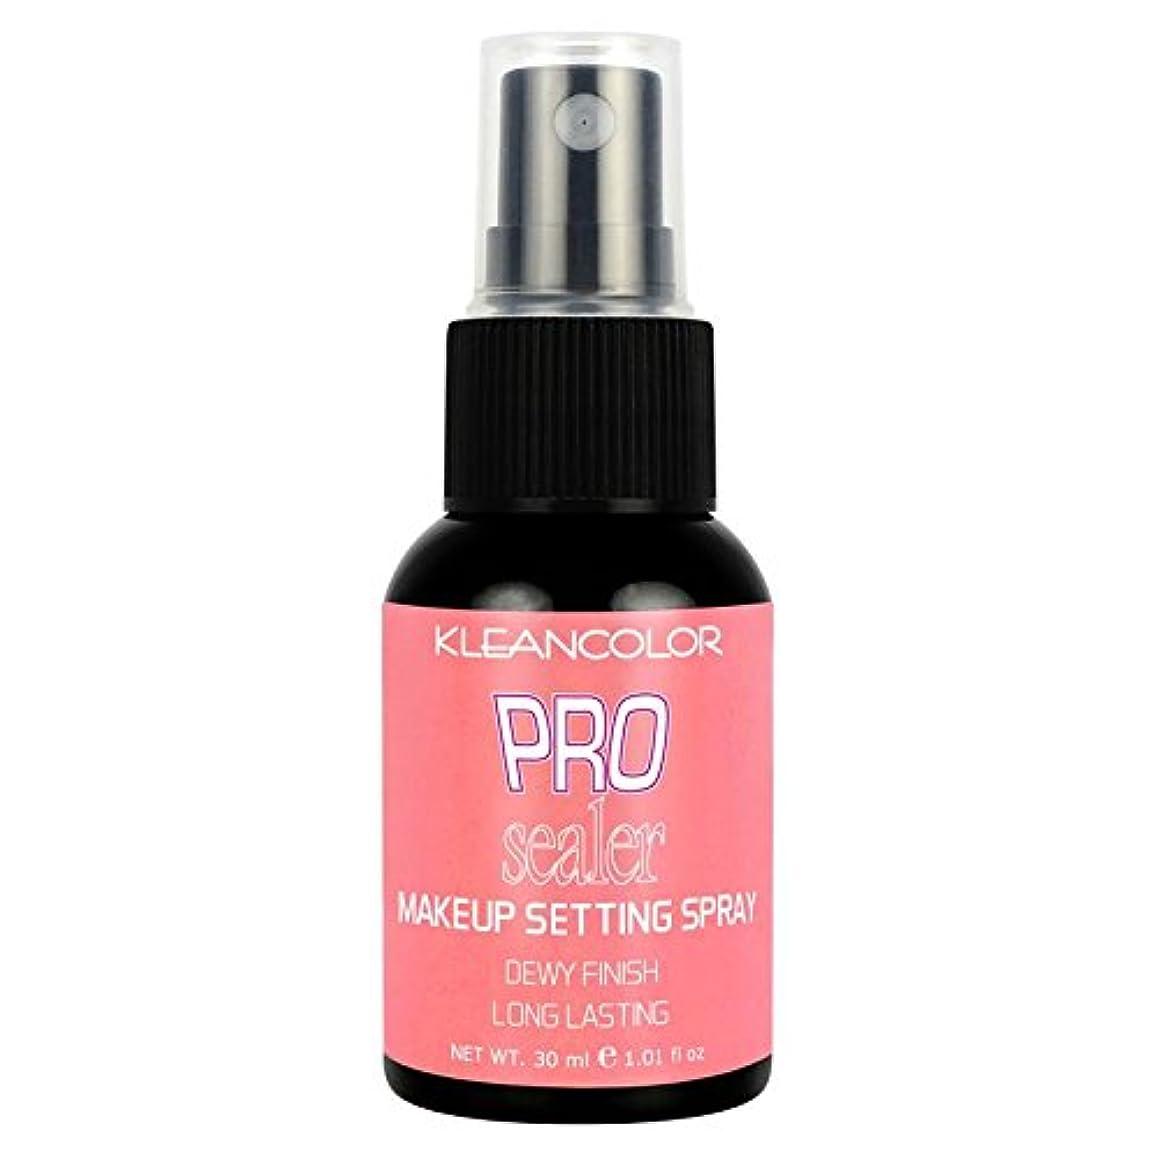 湿気の多いメーカー販売計画(3 Pack) KLEANCOLOR Pro Sealer Makeup Setting Spray - Dewy Finish (並行輸入品)